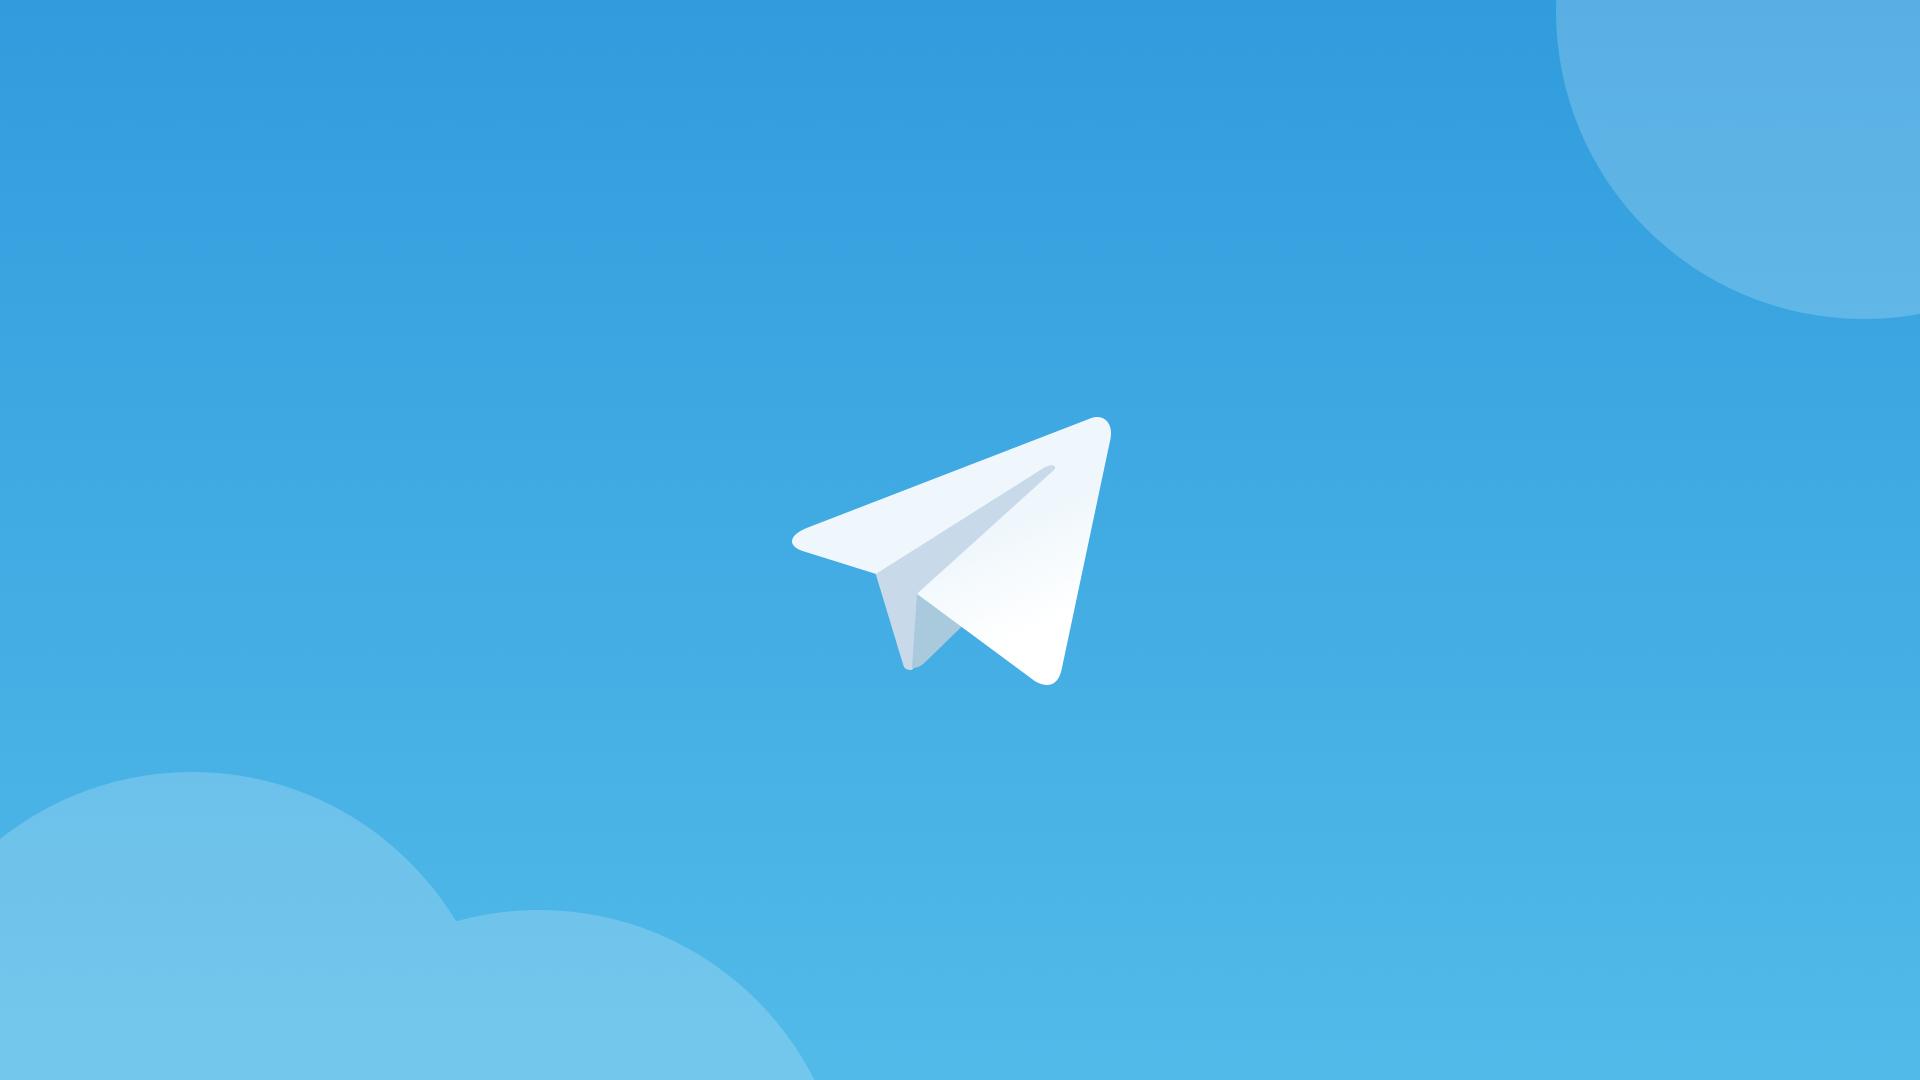 Десктопный клиент Telegram хранит чаты в незашифрованном виде